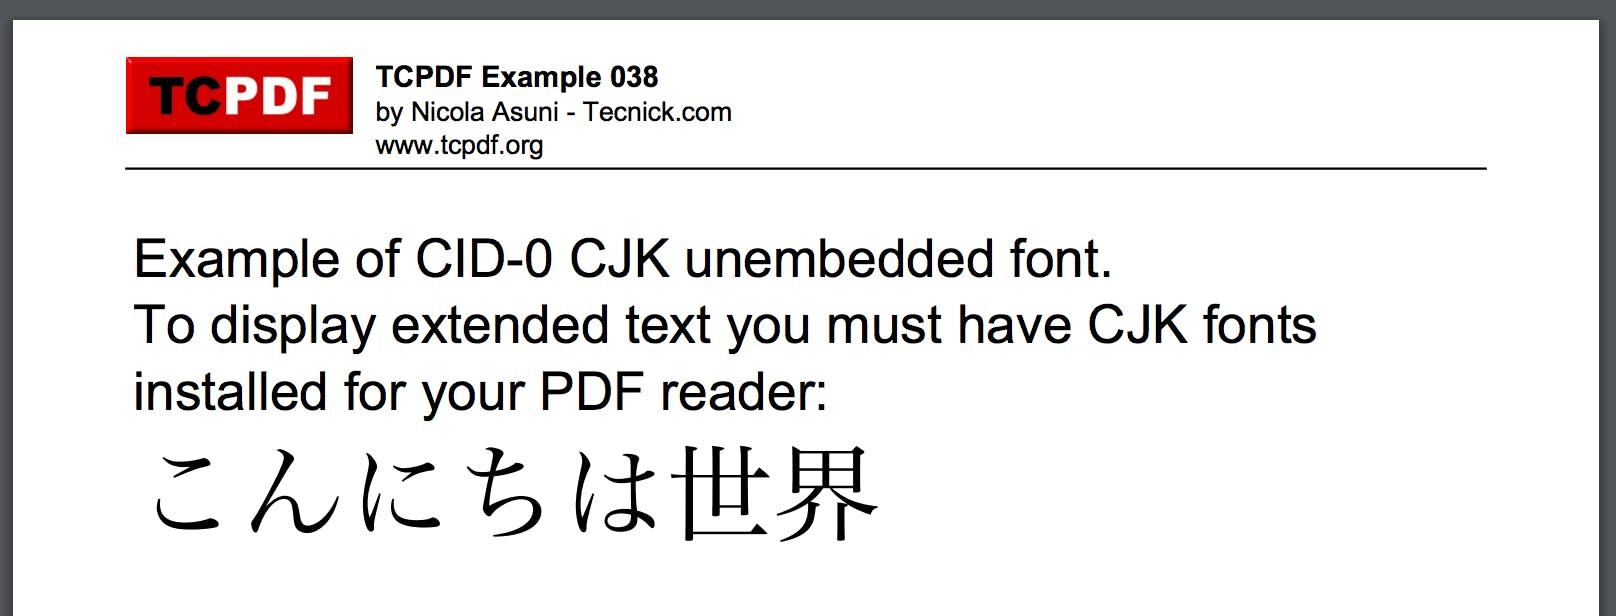 Tcpdf Examples